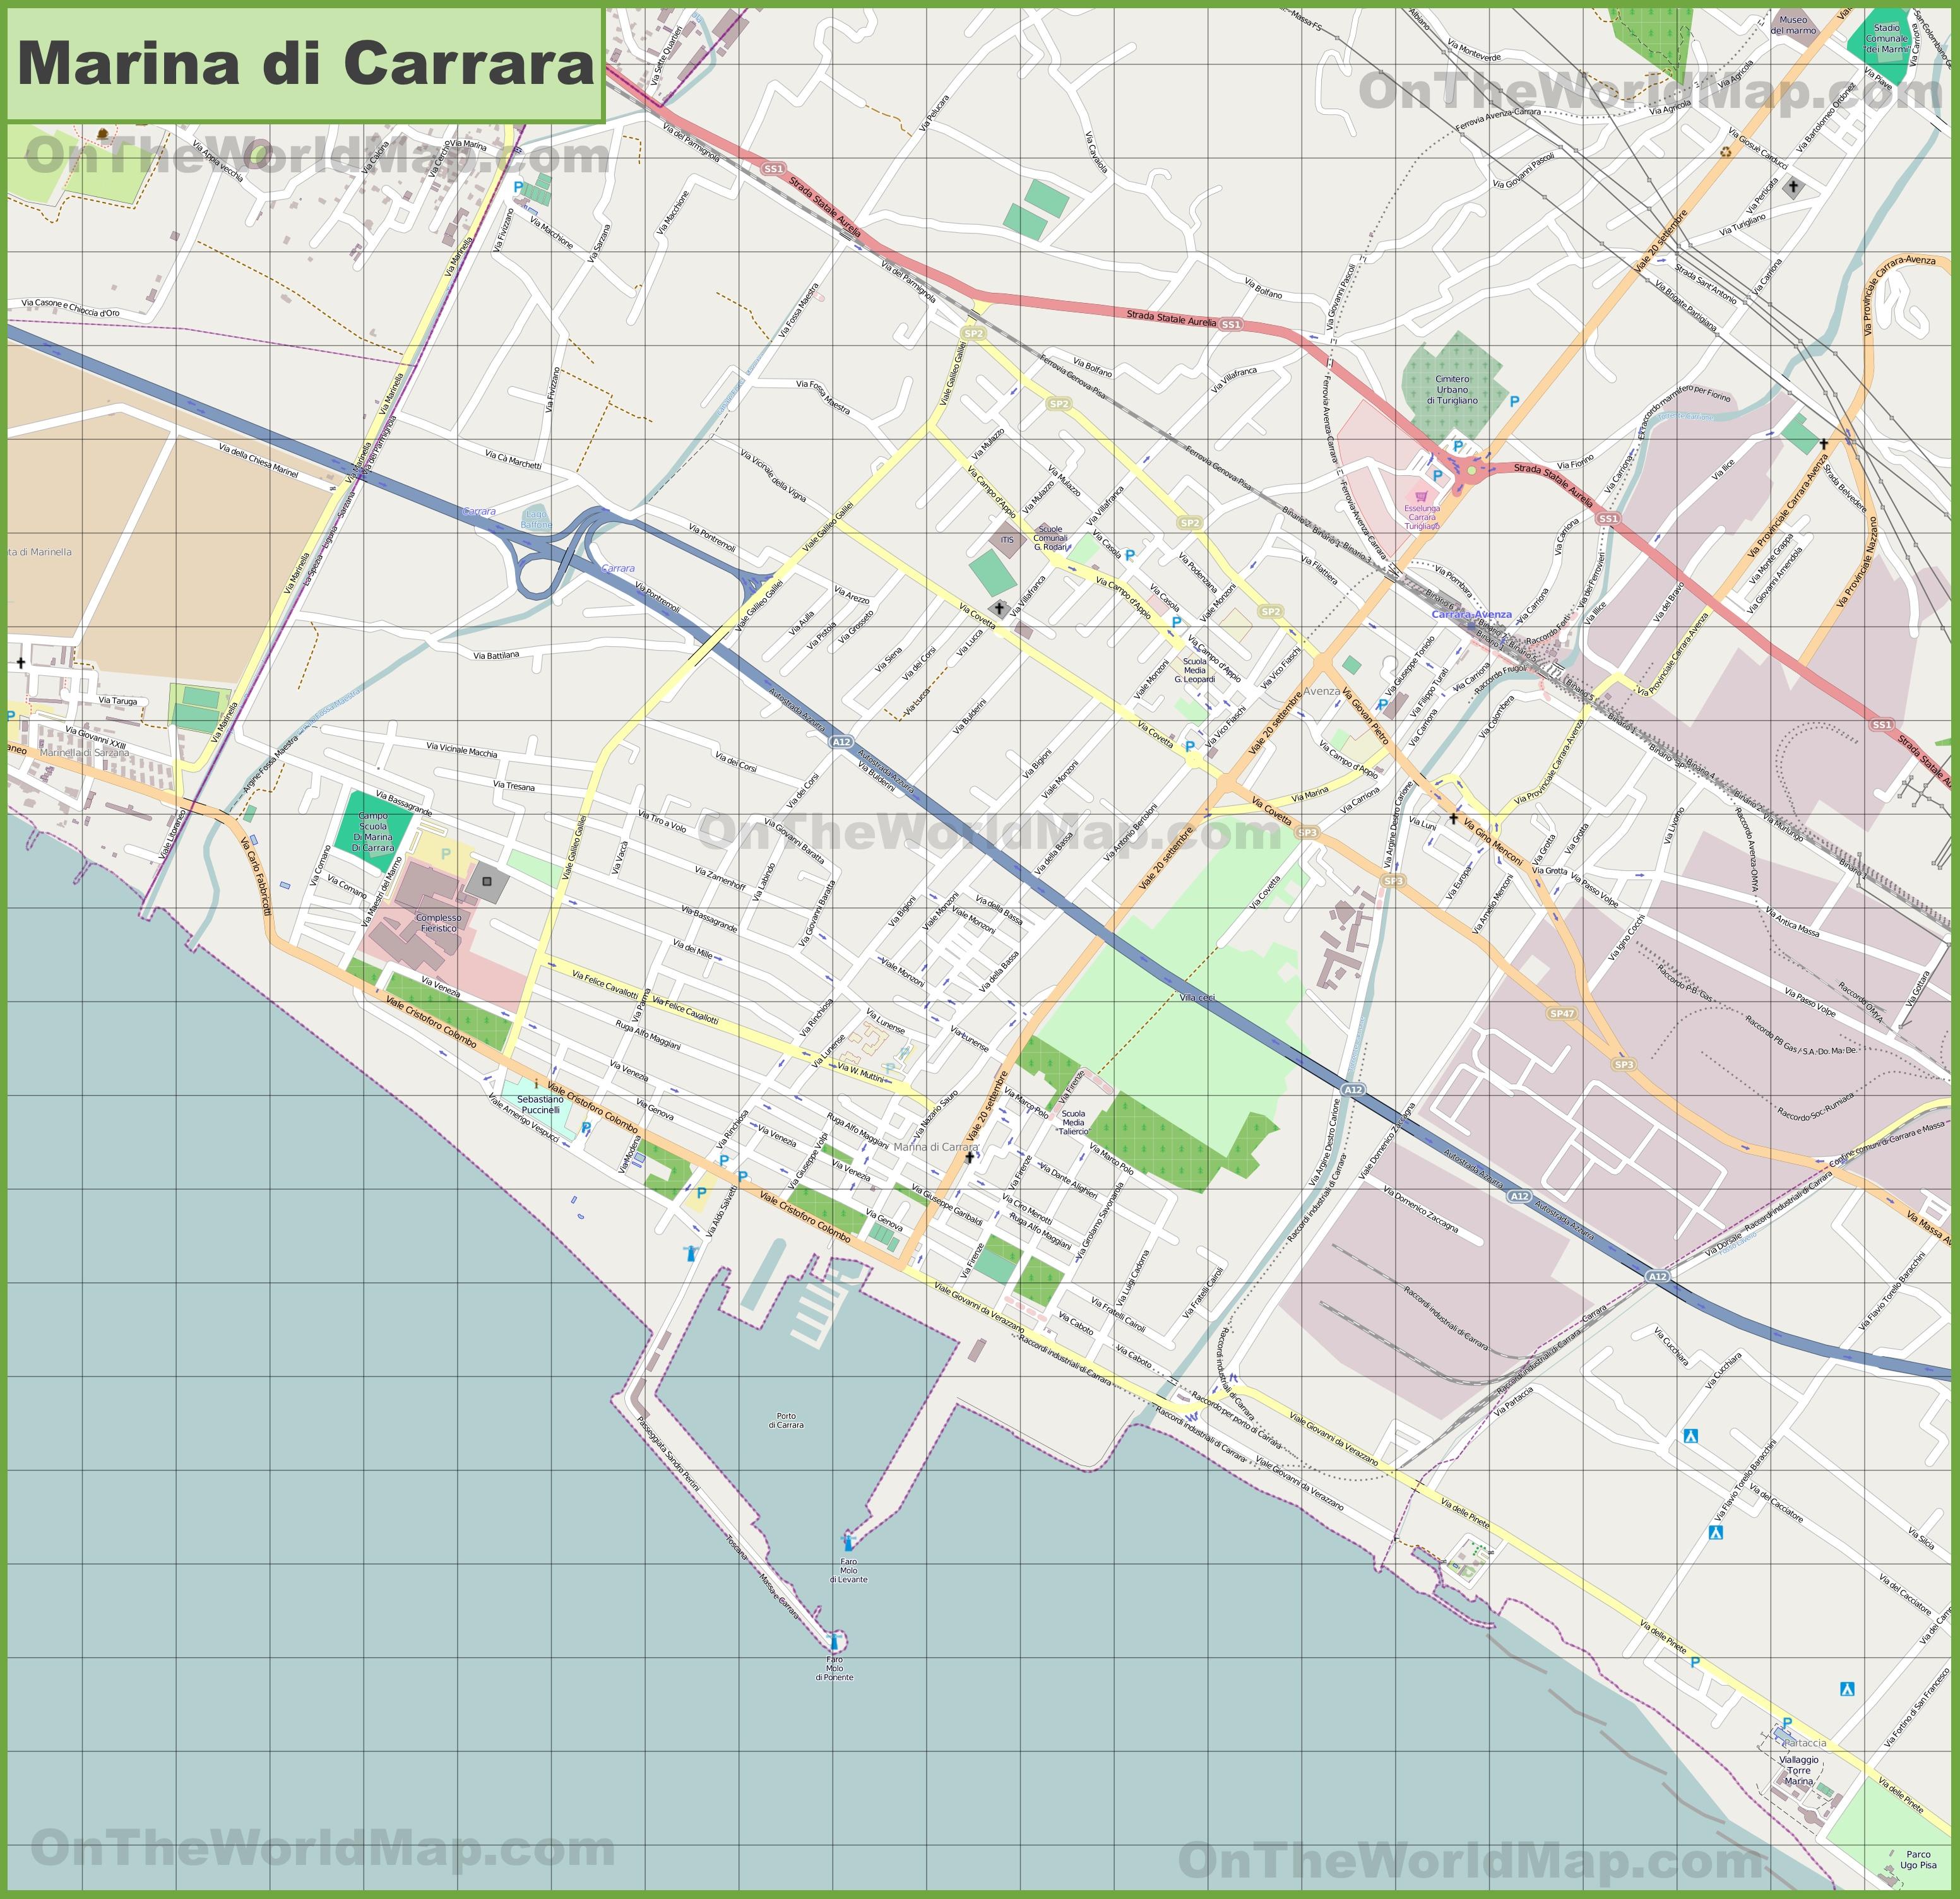 Map of Marina di Carrara